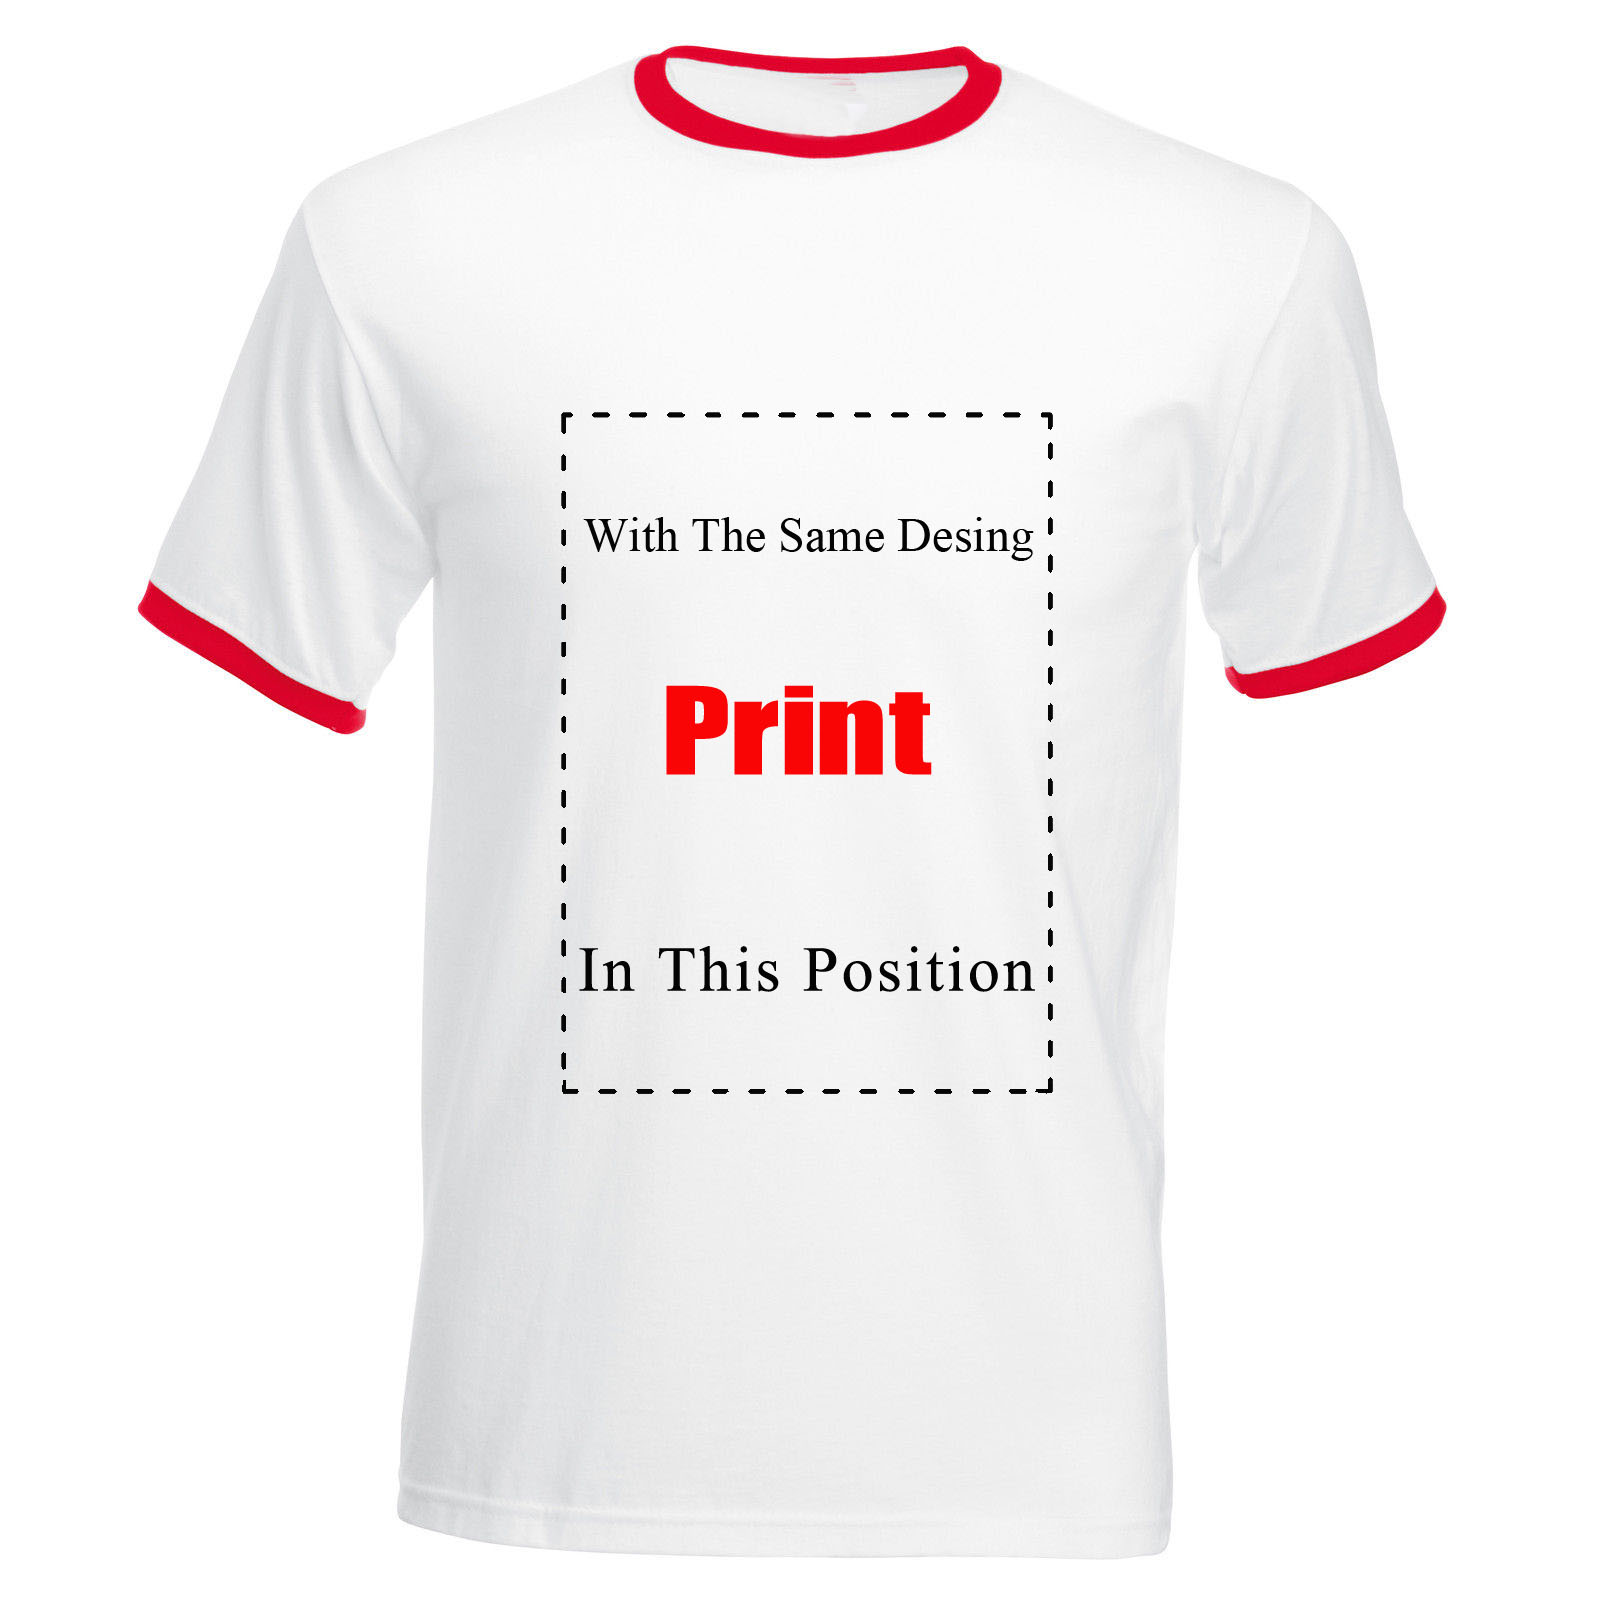 Мужская футболка с круглым вырезом Barista, черная футболка с круглым вырезом и принтом кофе, 2020(Китай)